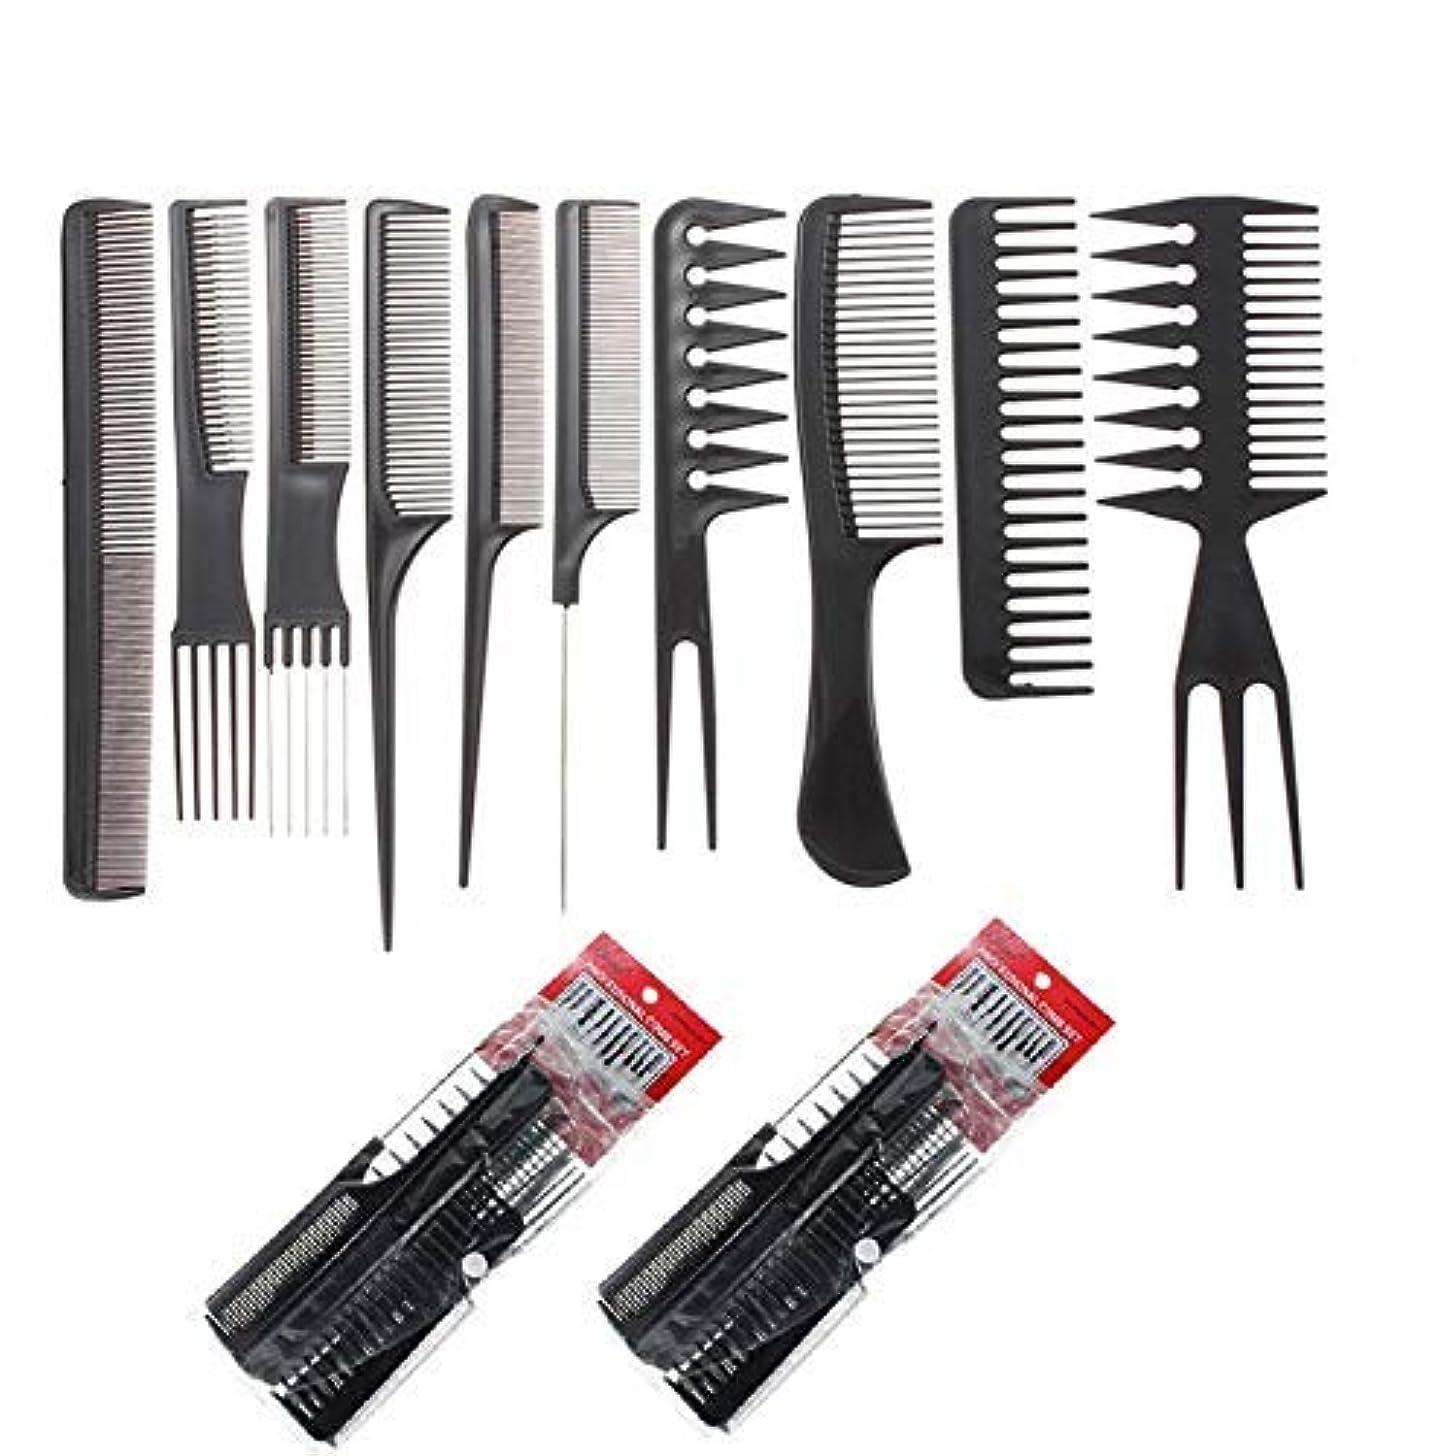 靴下メーター相談SBYURE 20pcs Professional Styling Comb Set,10pcs/Set,2 Set Salon Hairdressing Combs Hair Care Styling Tools Hair...